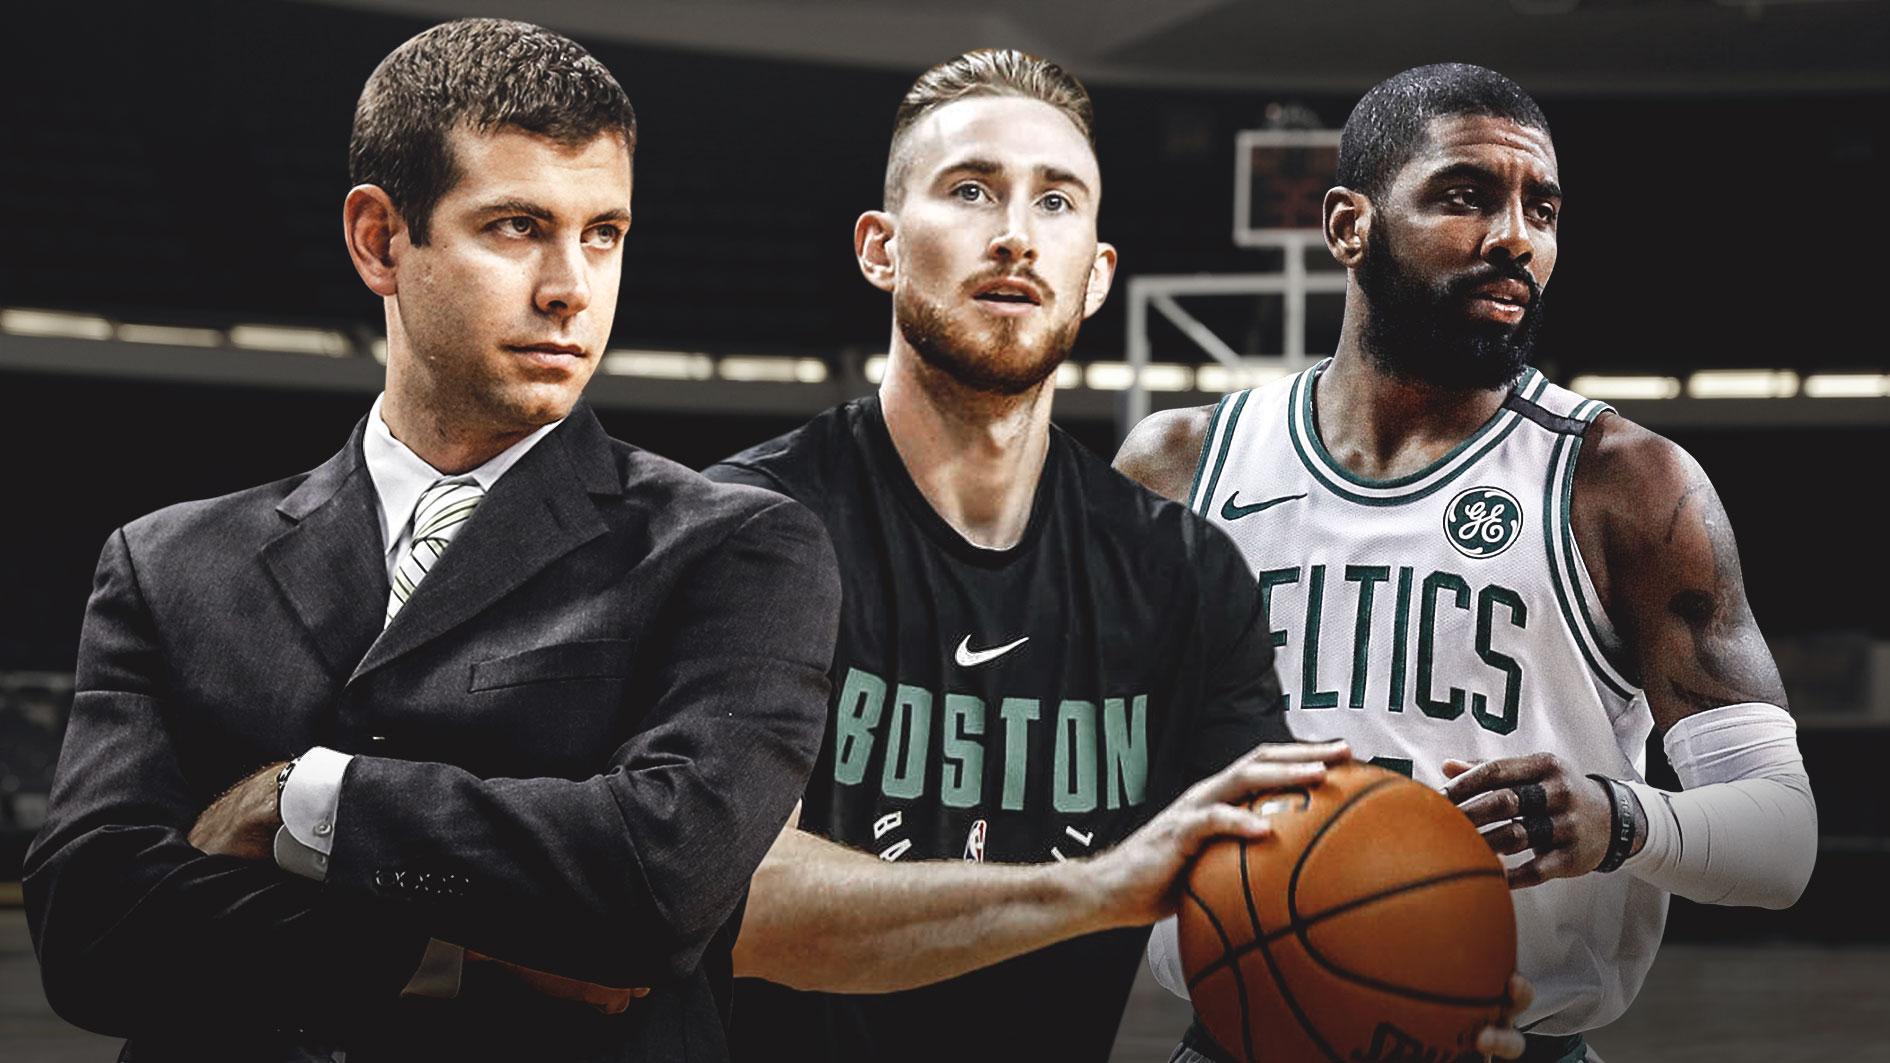 Бостон становится суперкомандой. Что может пойти не так?